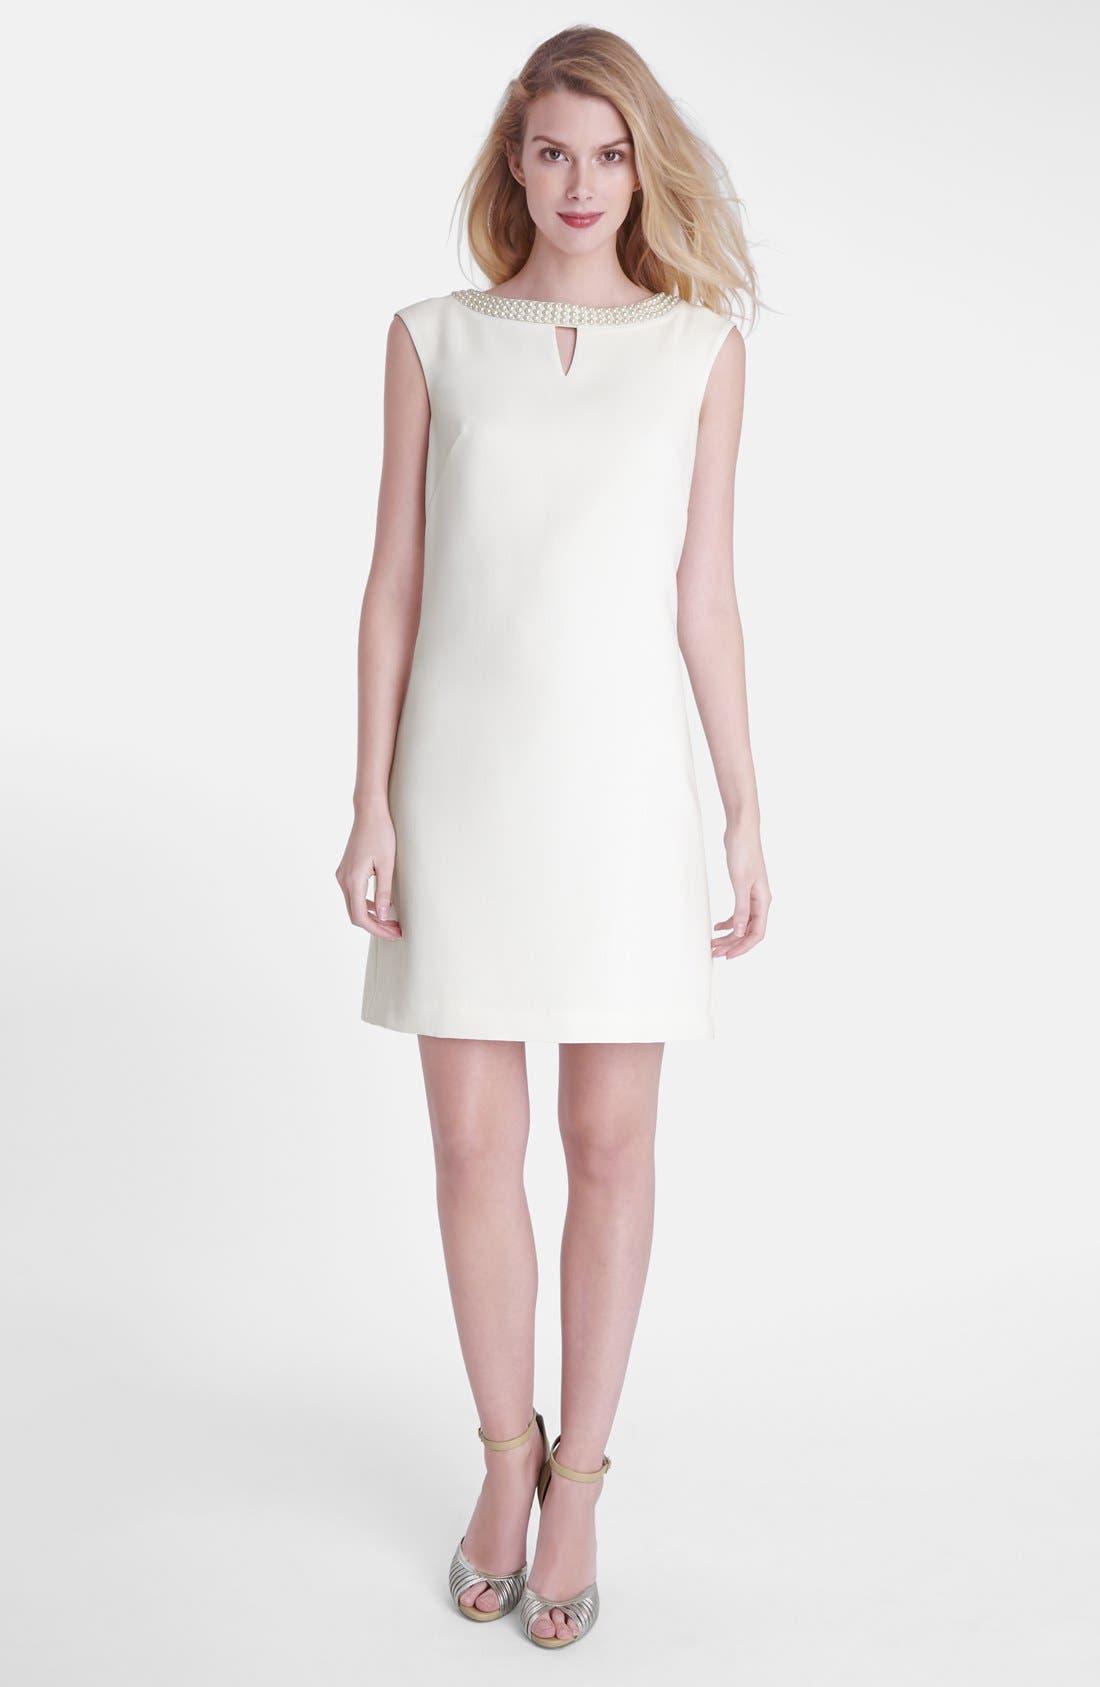 Alternate Image 1 Selected - Tahari Embellished Crepe Shift Dress (Regular & Petite)